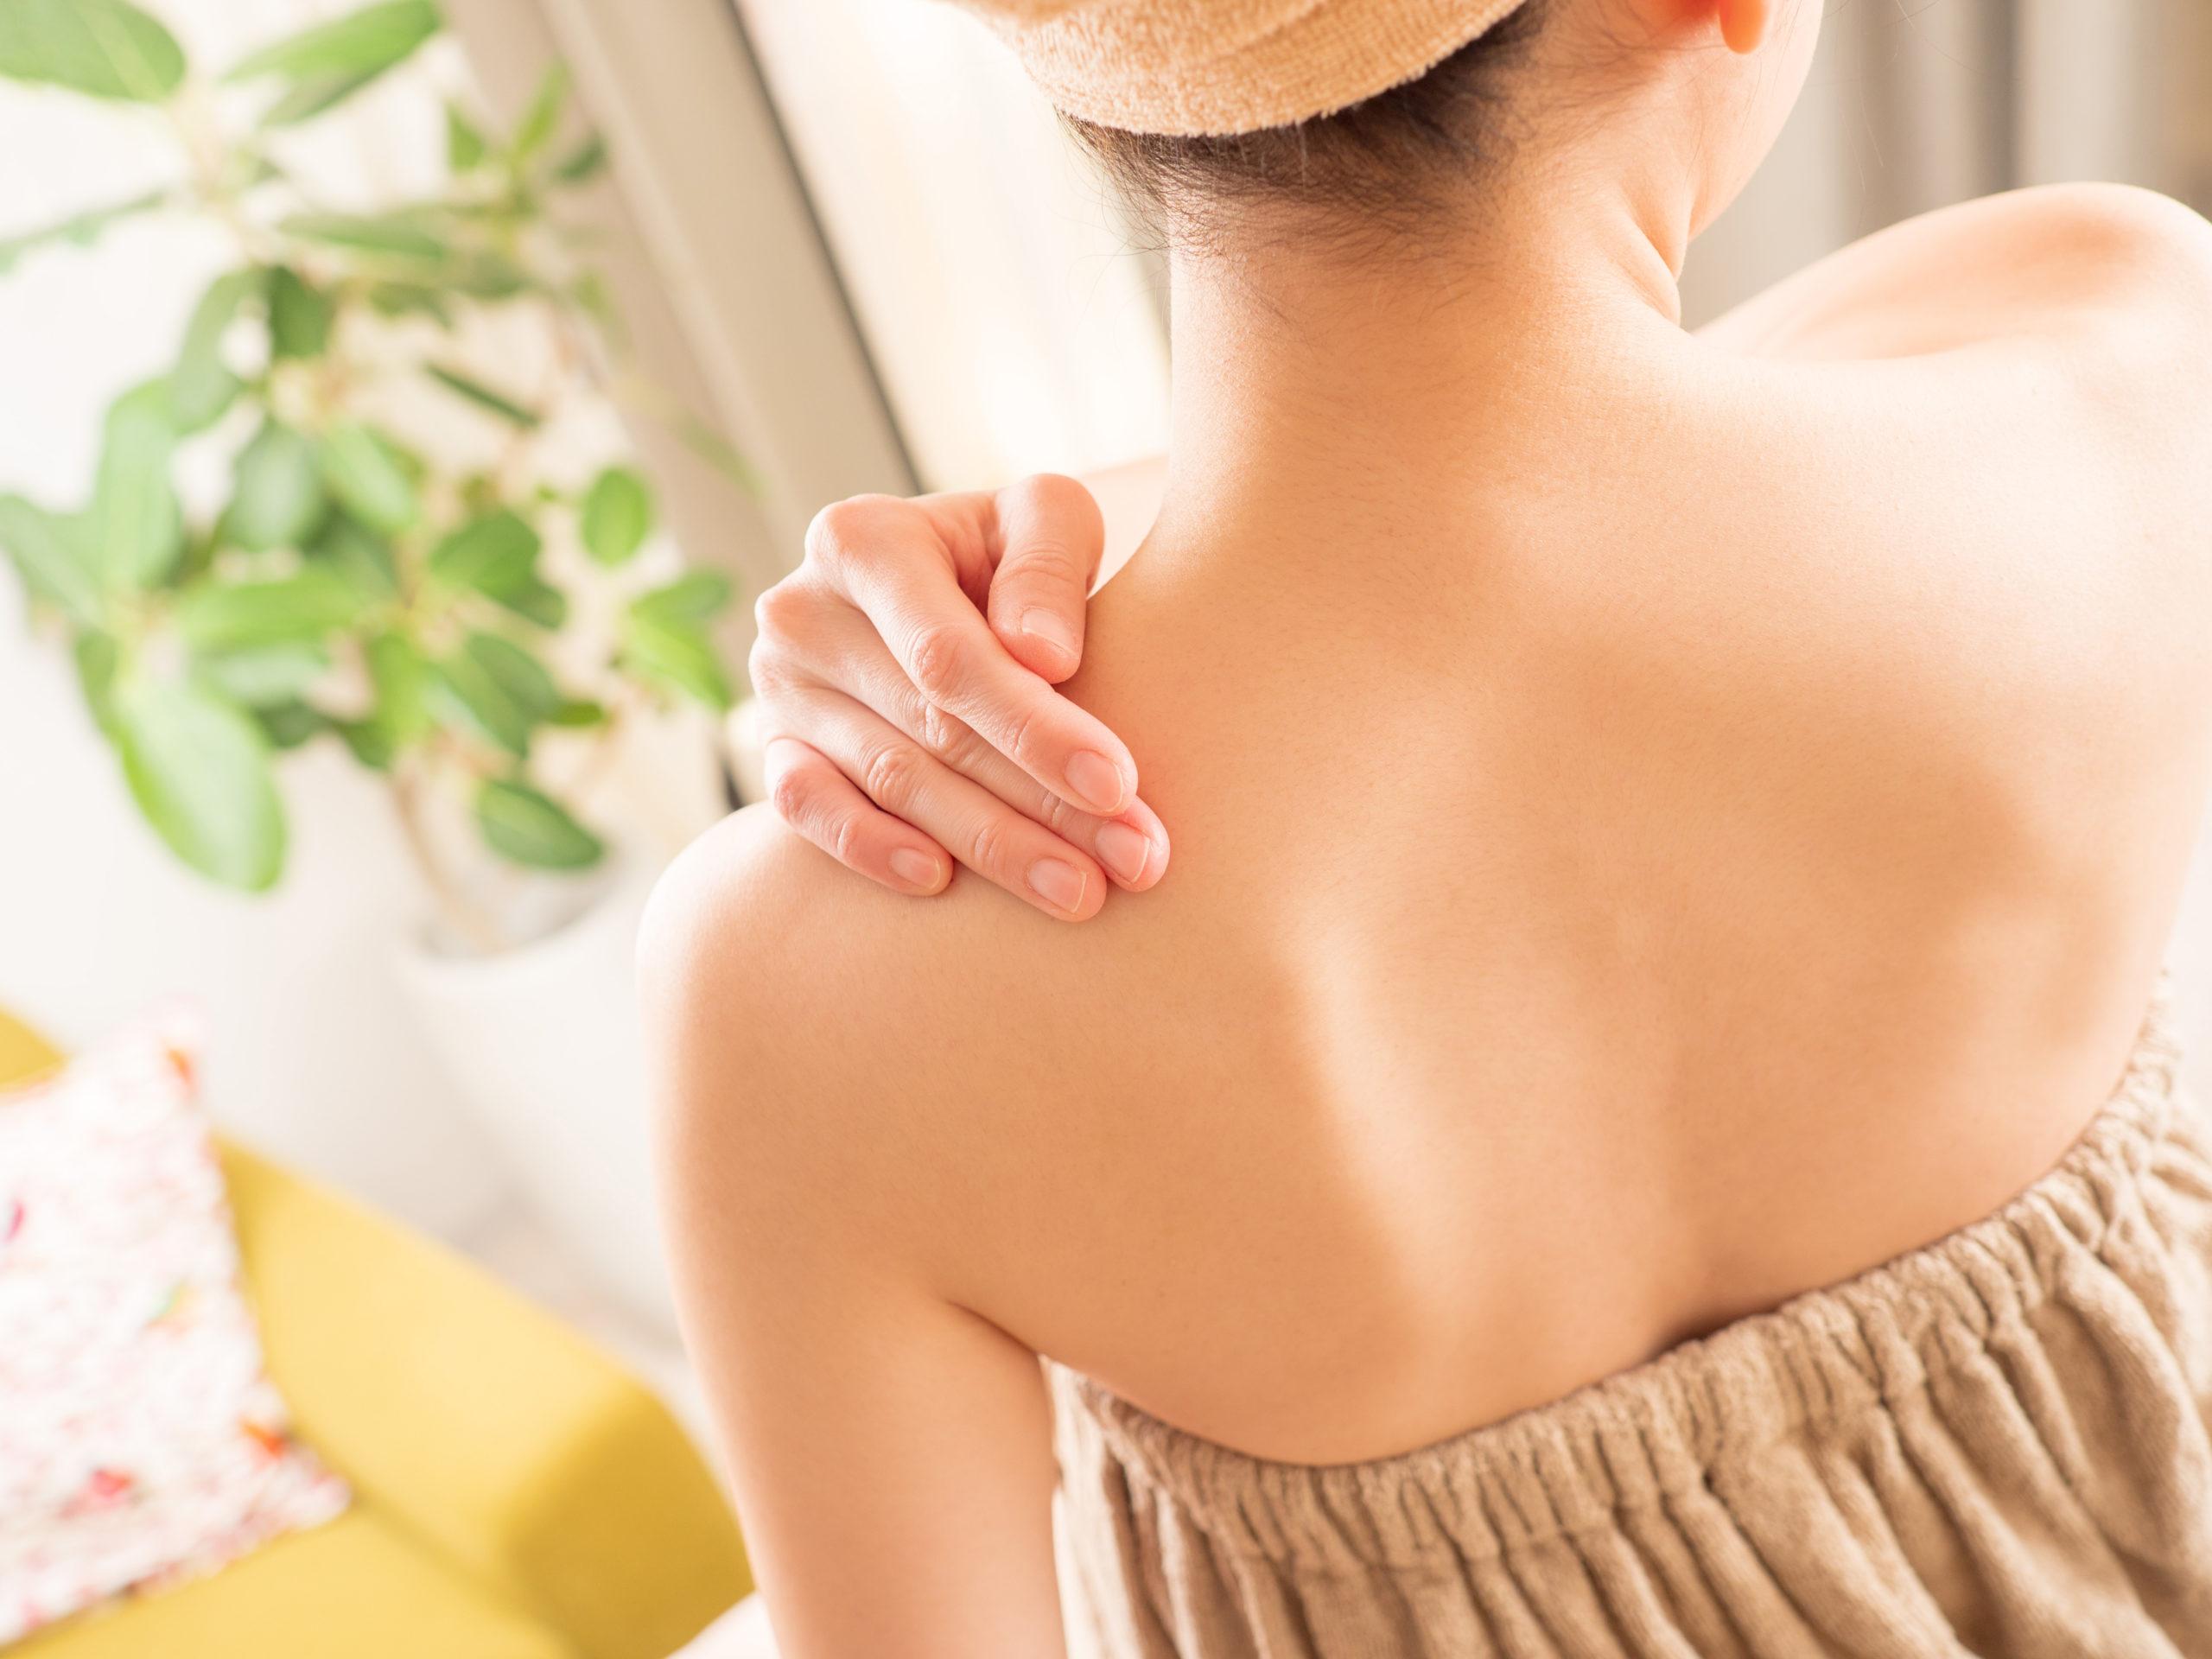 一人暮らしでも背中の毛を処理する方法5選、みんなは背中の毛どうしてる?